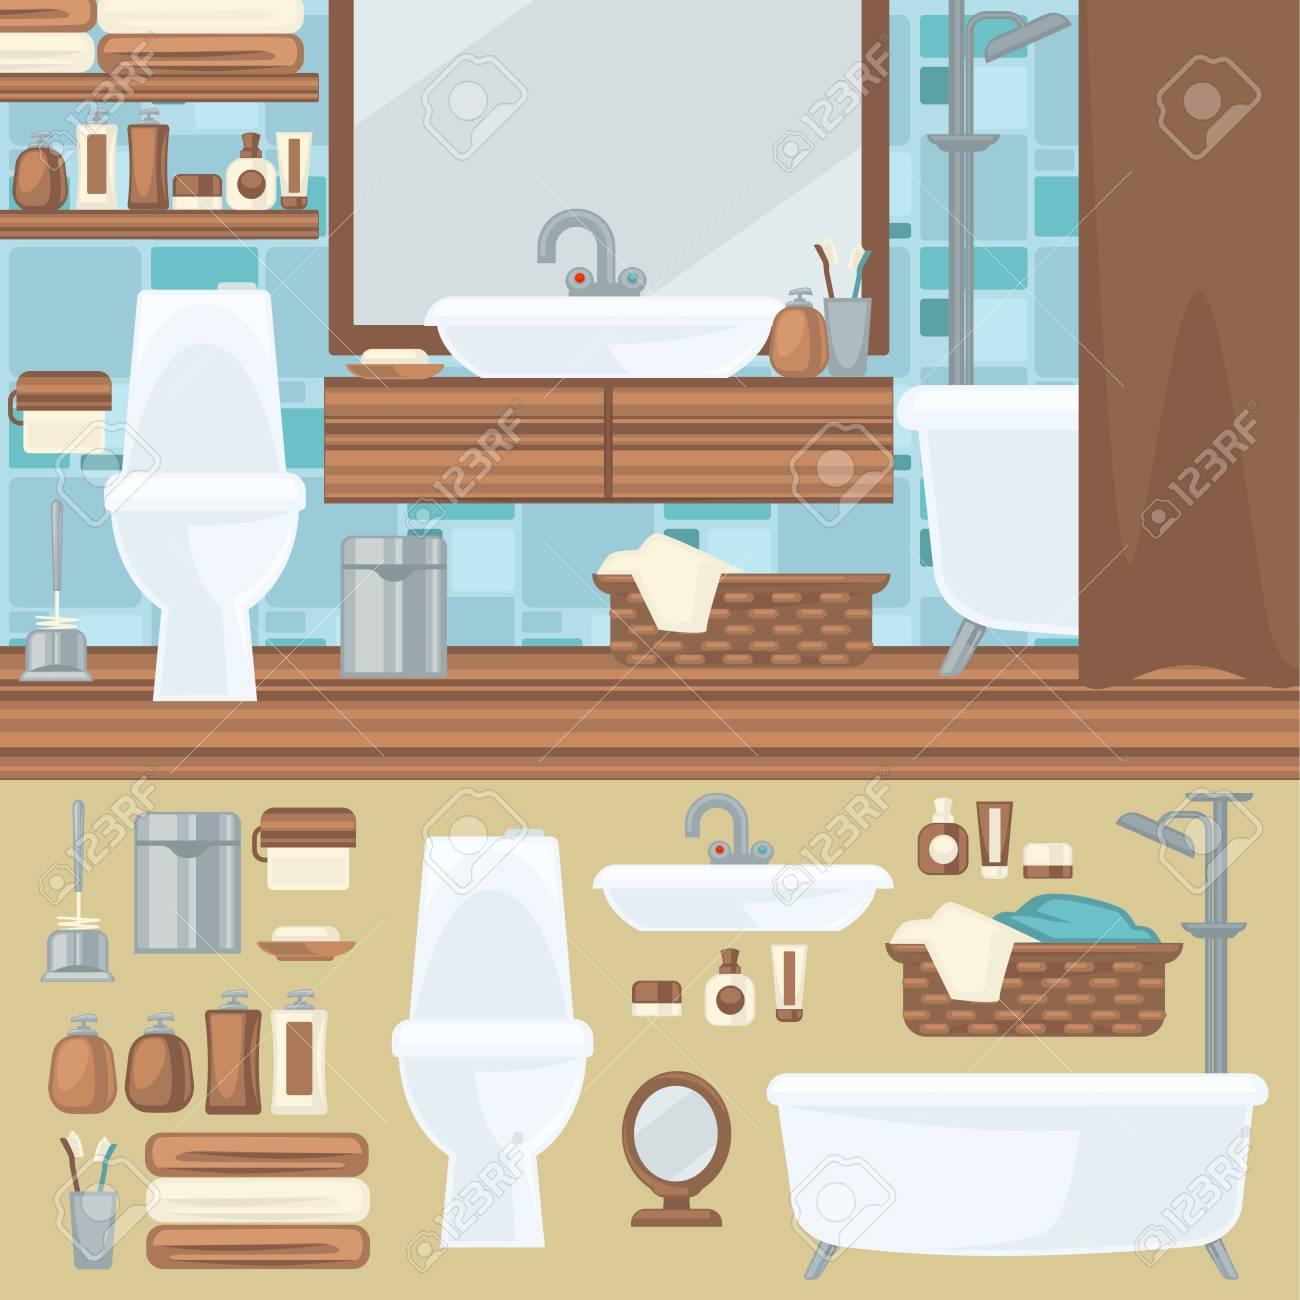 Cuarto De Baño De Diseño De Interiores. Accesorios Y Juego De ...